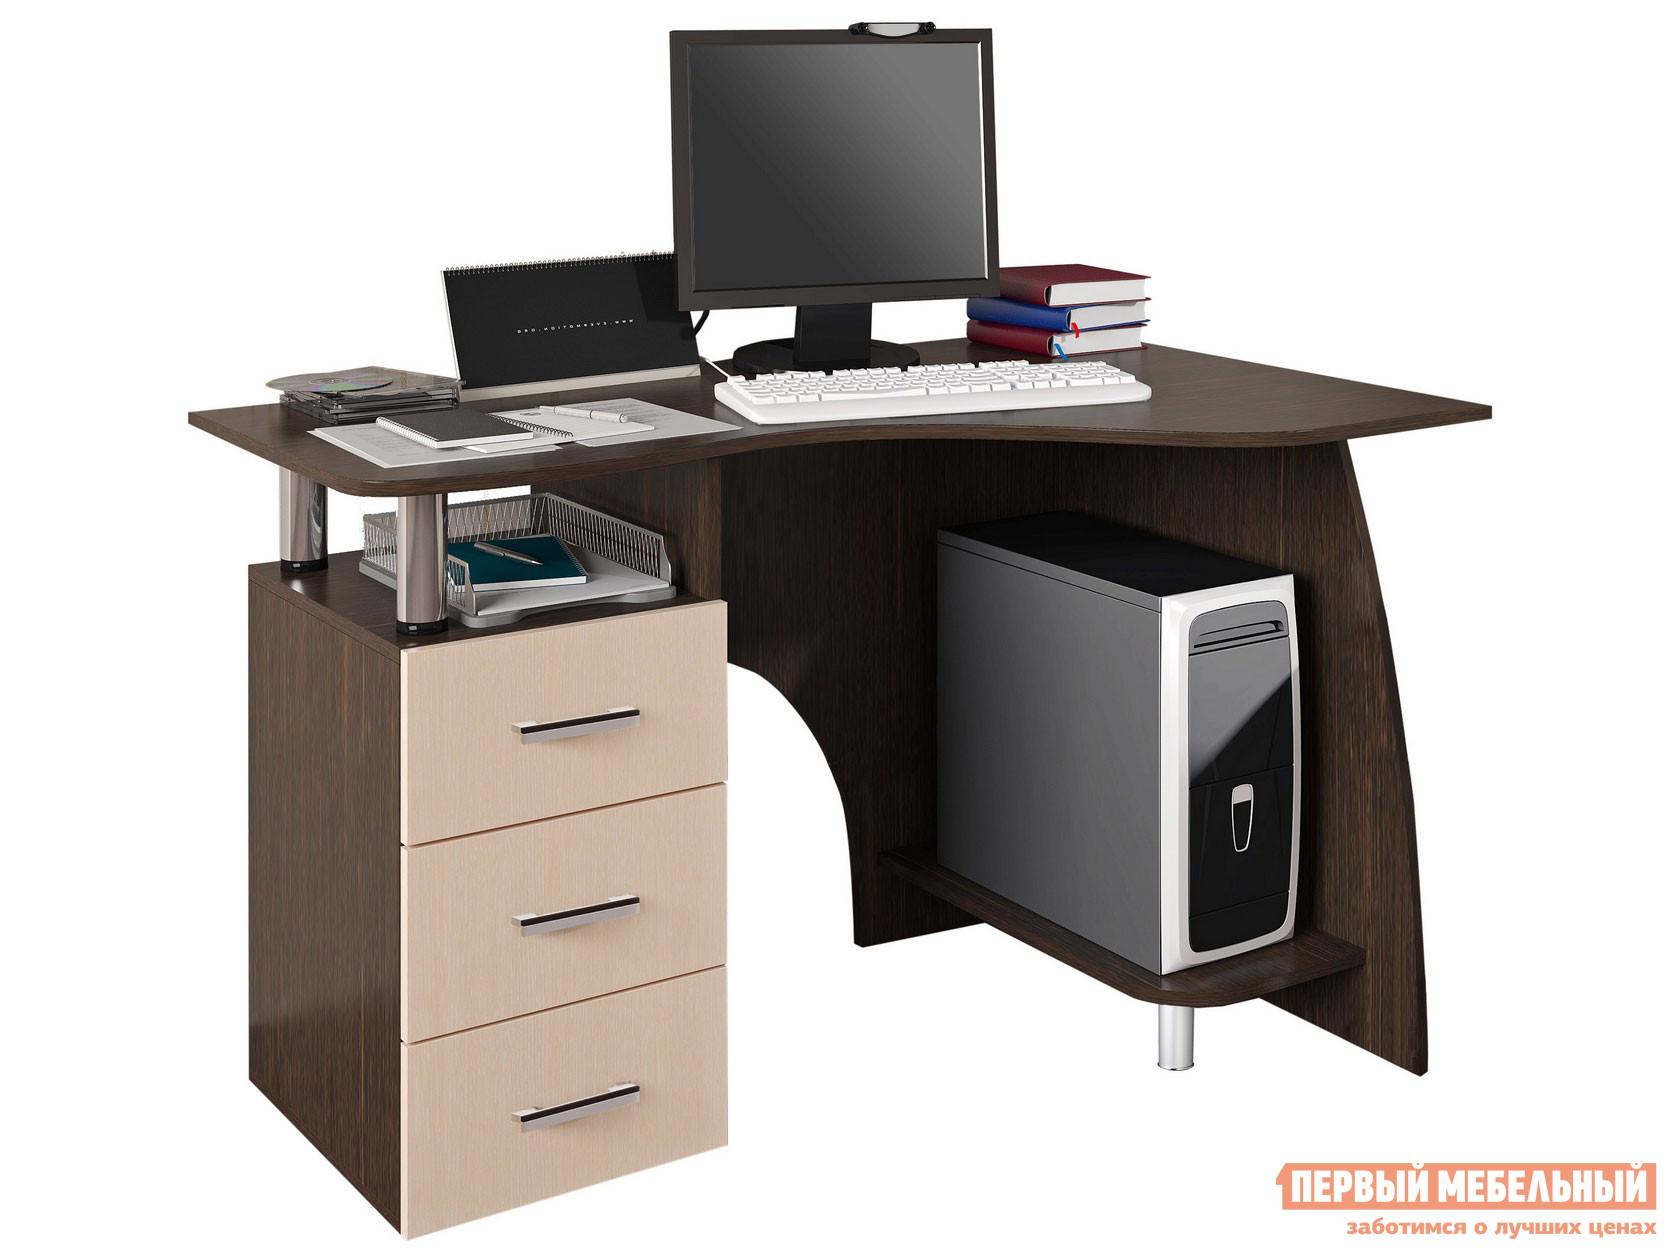 Фото - Компьютерный стол Первый Мебельный Стол компьютерный Лорд NEW компьютерный стол первый мебельный комфорт 12 72